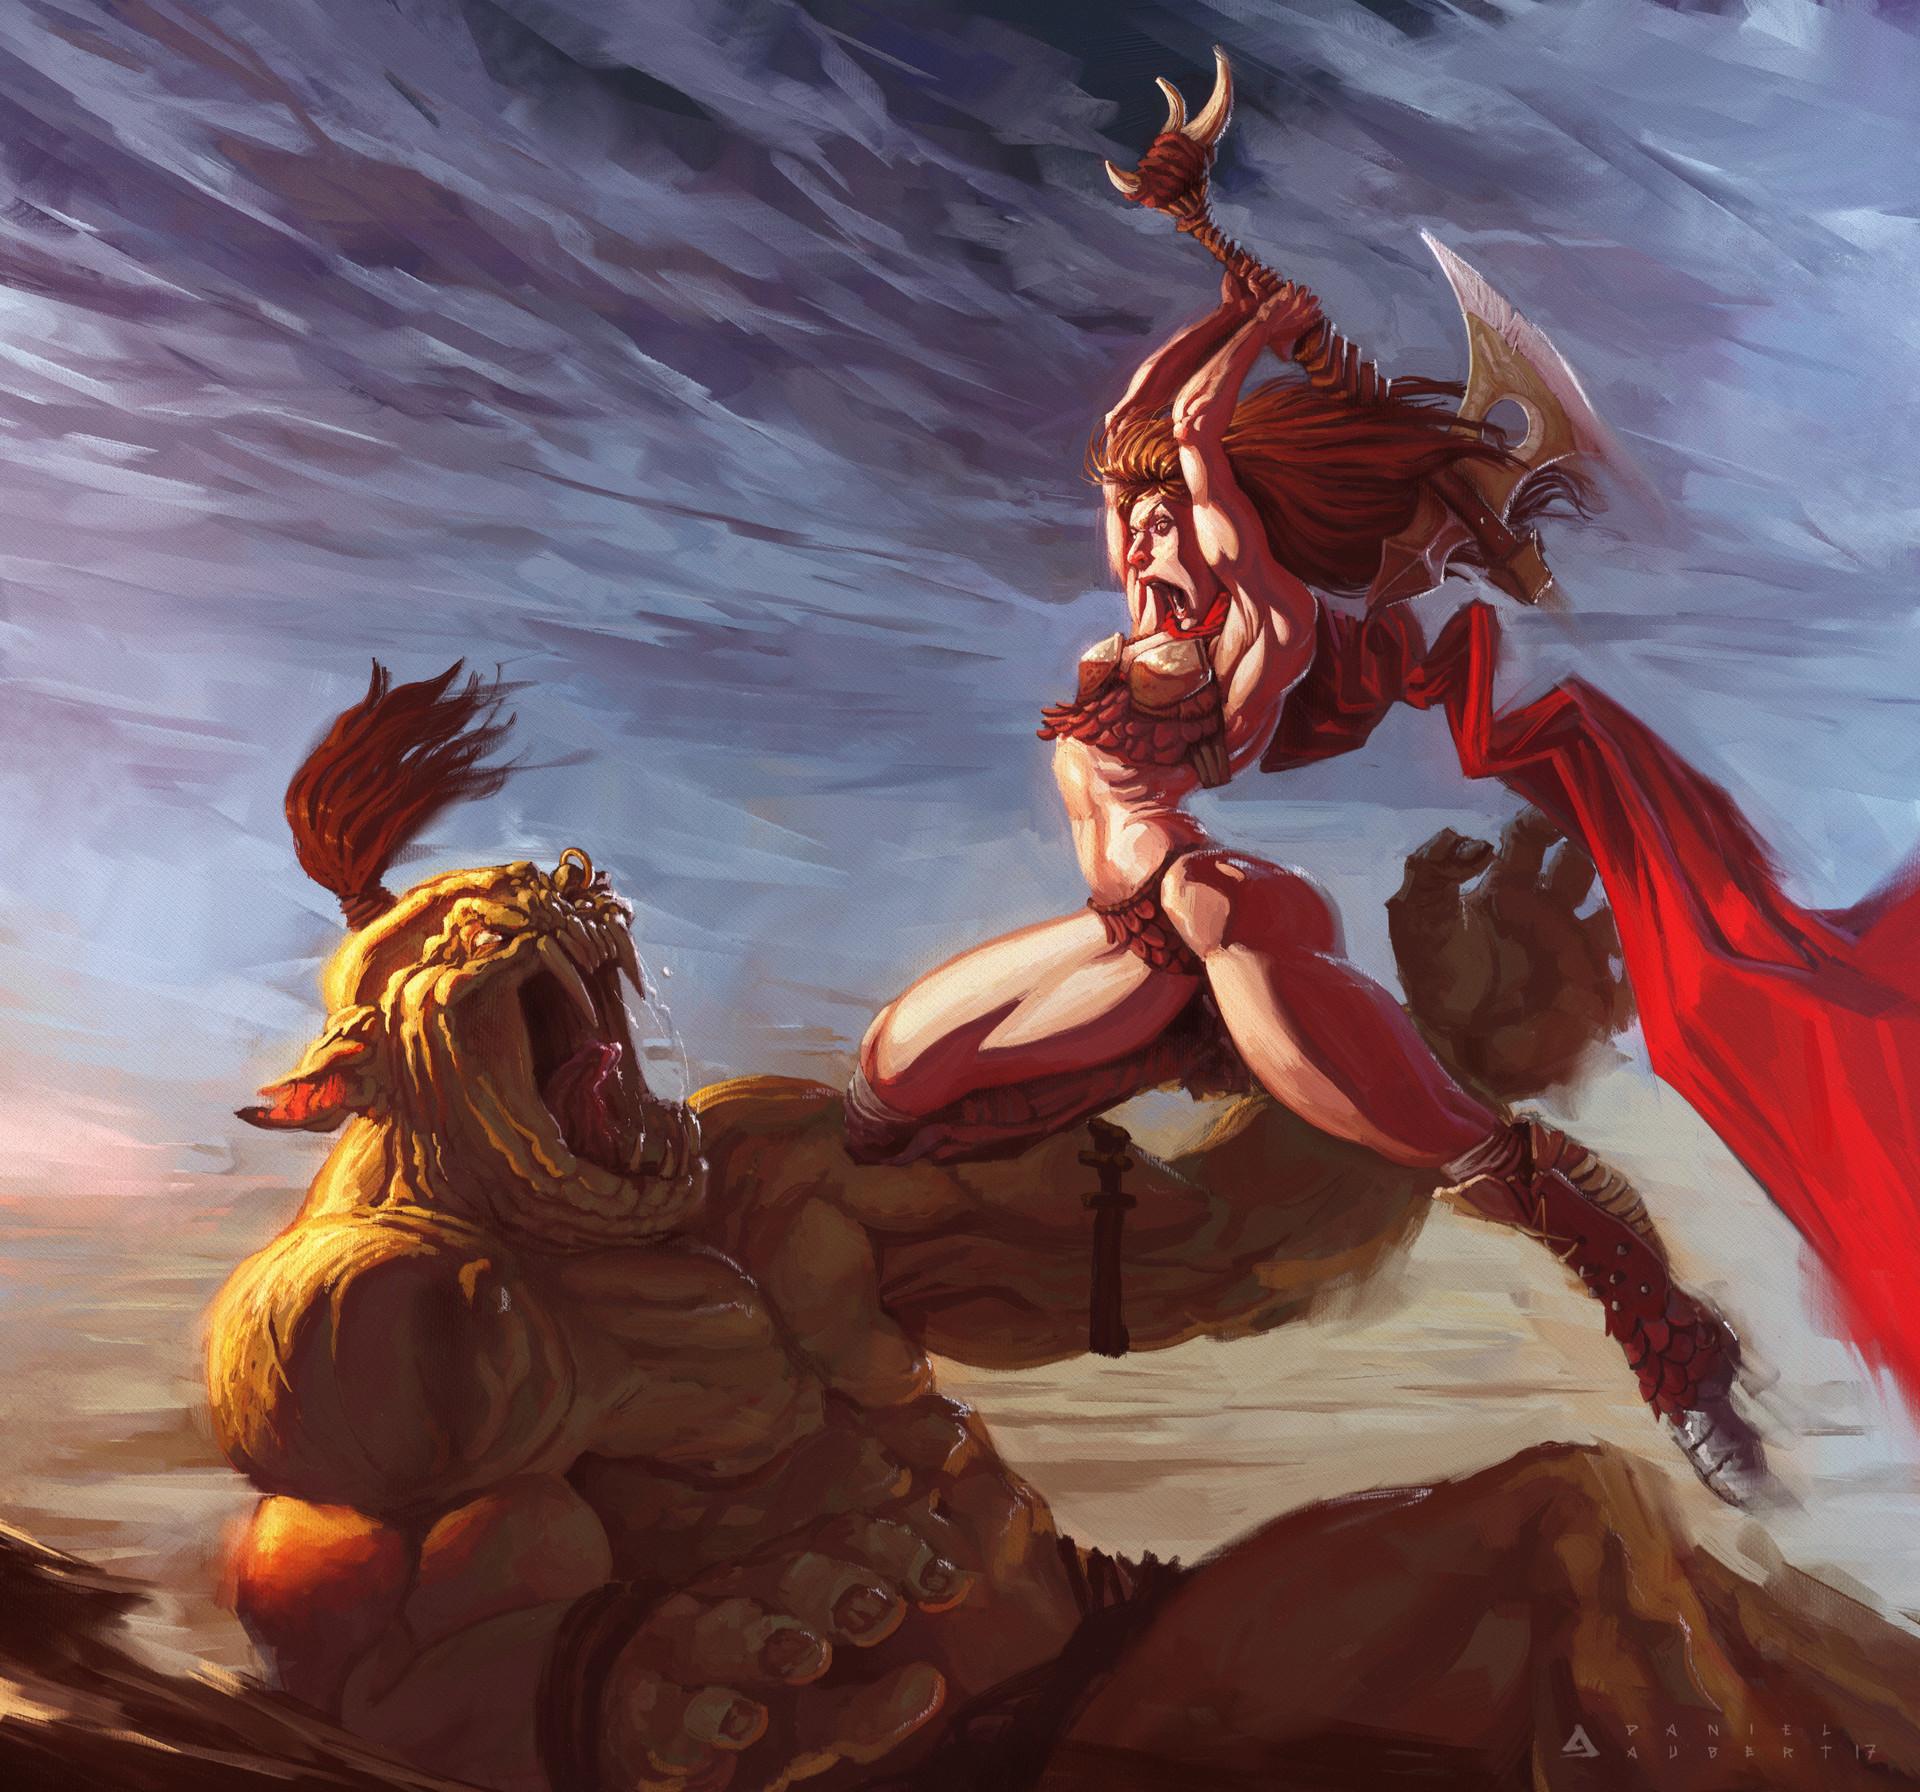 Daniel aubert barbarian2 5 copy